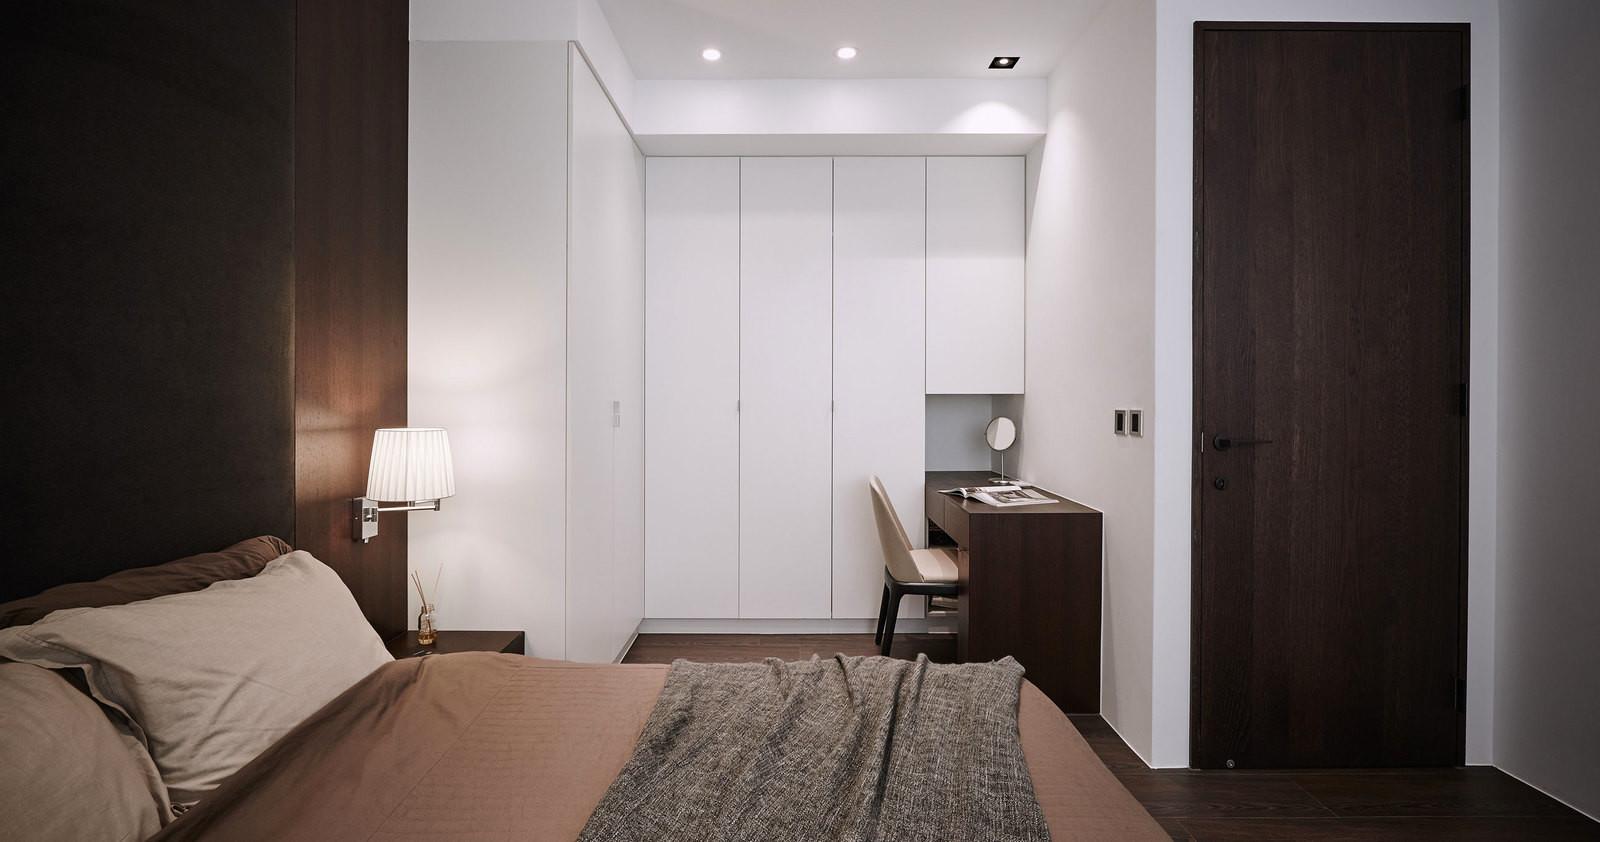 etaj-ot-kashta-s-moderen-i-prostoren-interioren-dizain-120-913g